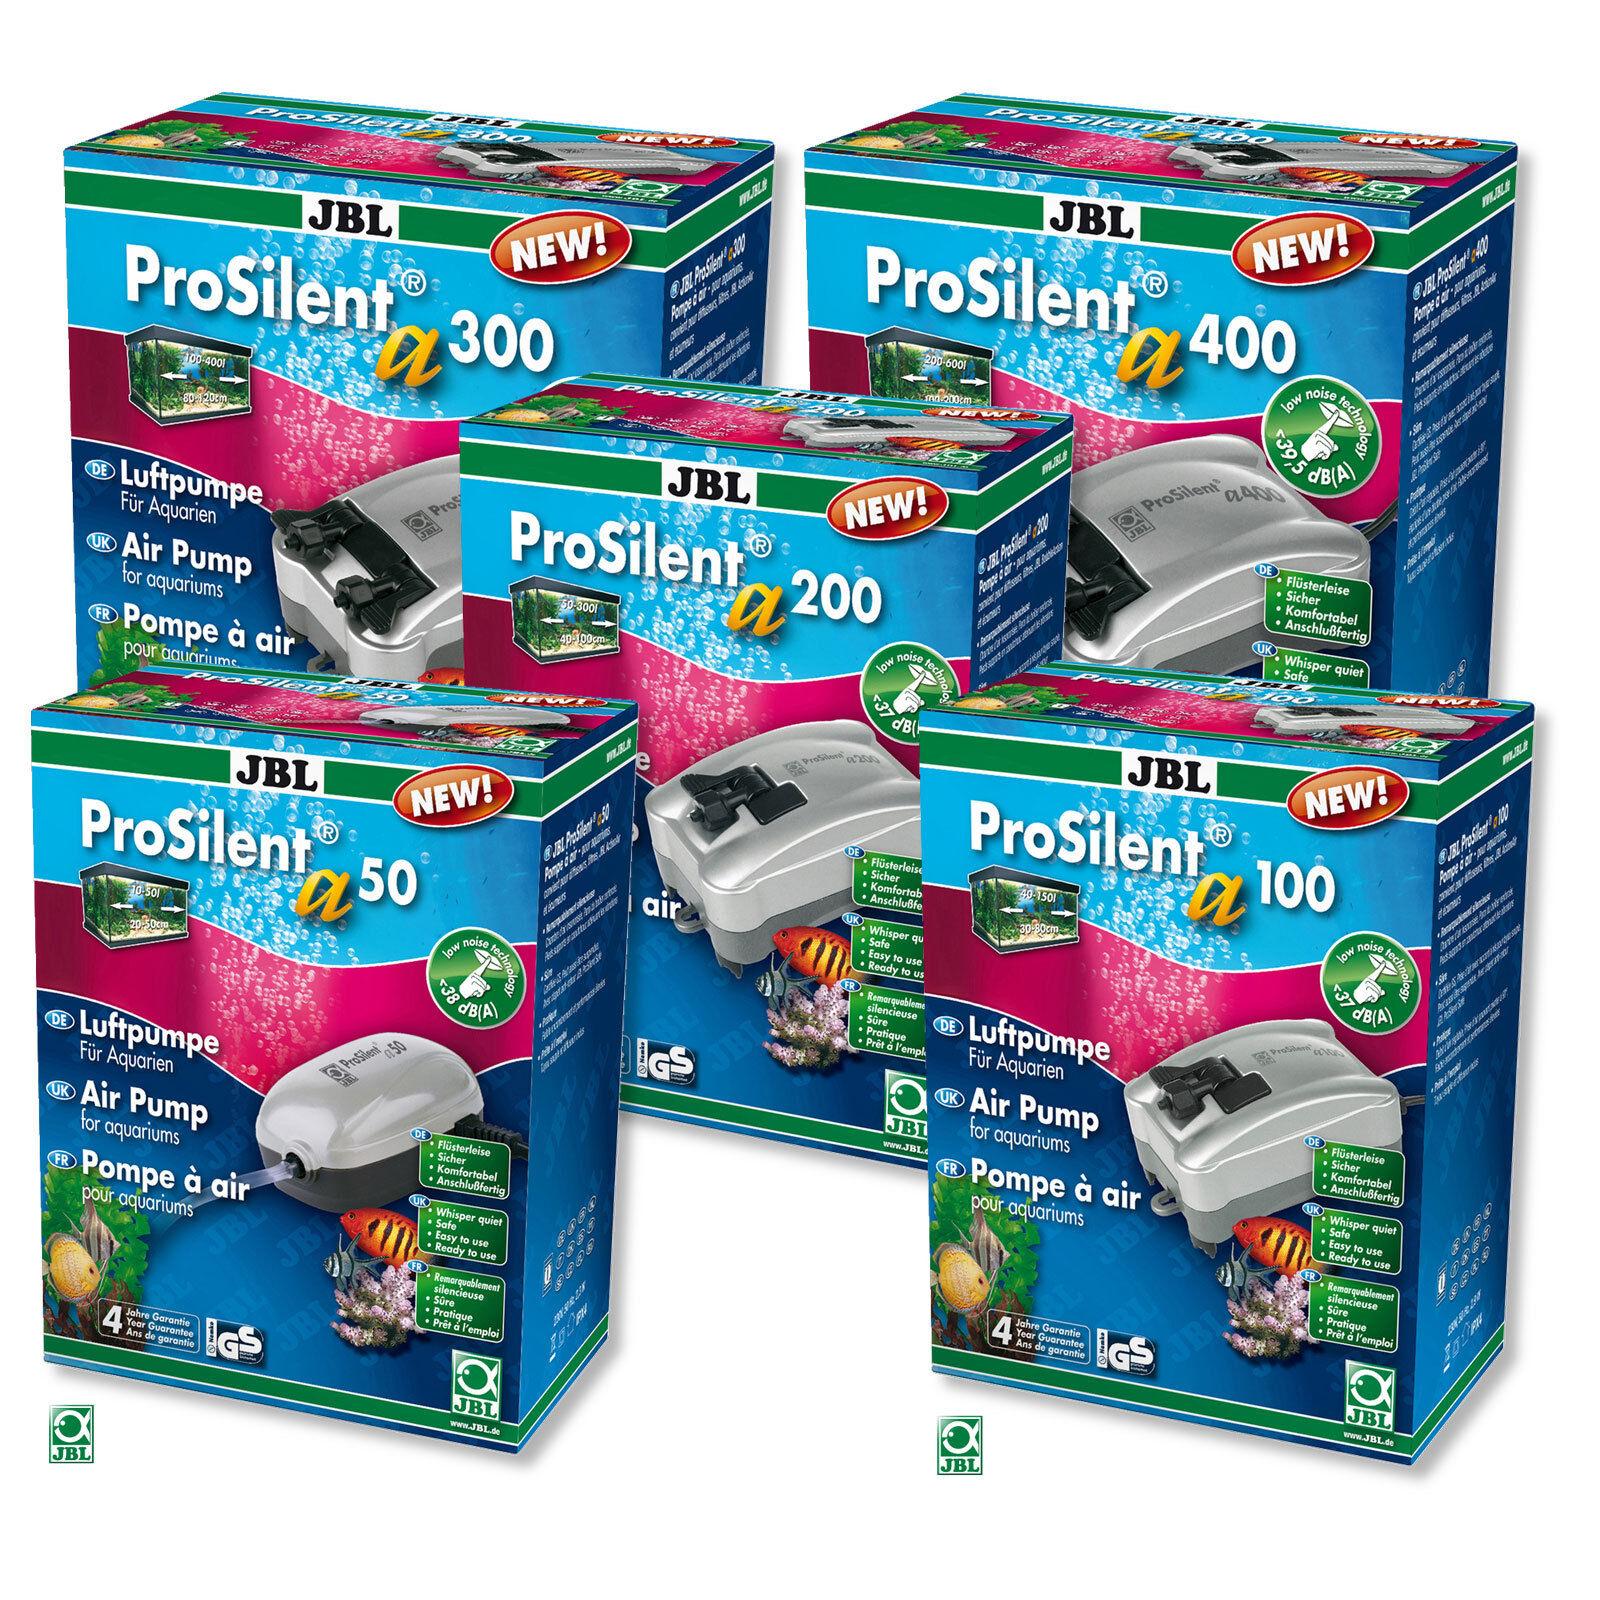 JBL ProSilent Aquarium Sauerstoffpumpe a50 a100 a200 a300 a400 Luftpumpe O2